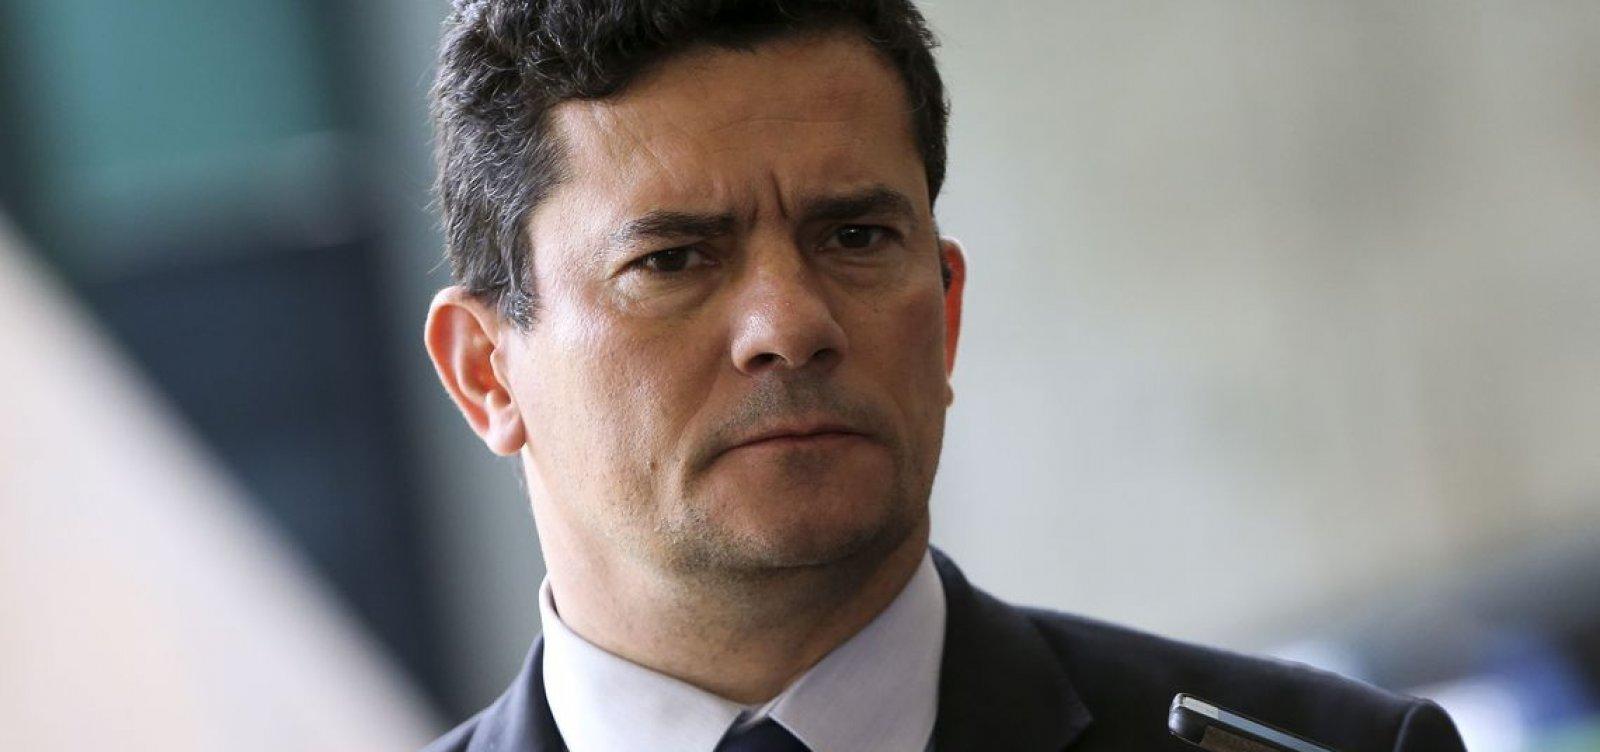 [Sergio Moro abandona coletiva em Manaus após ser questionado sobre mensagens]